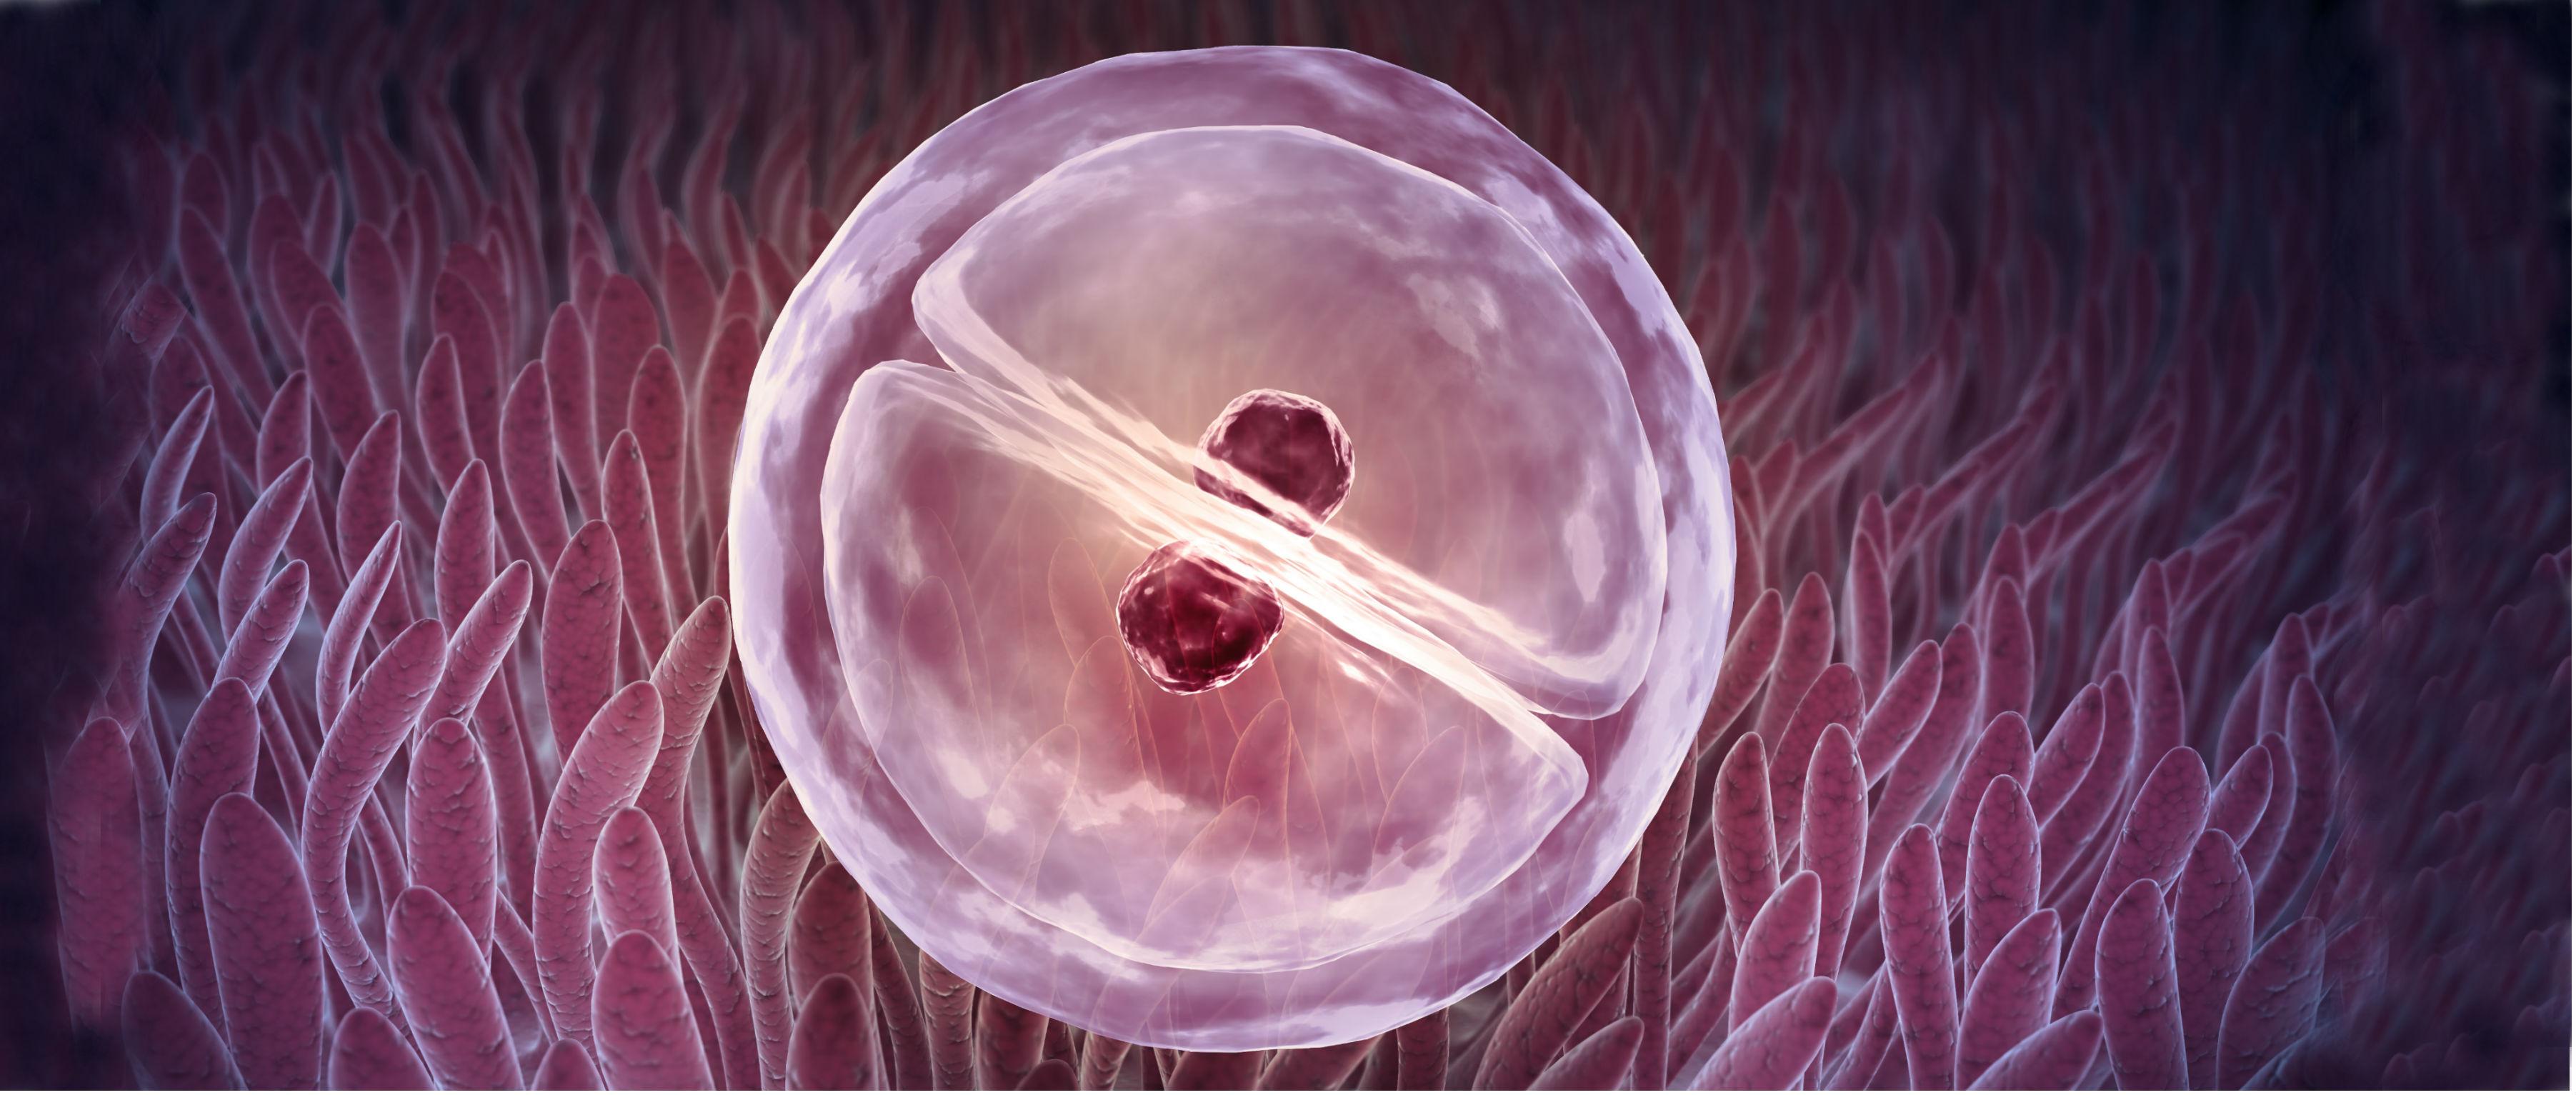 Potencial-de-implantación-del-embrión